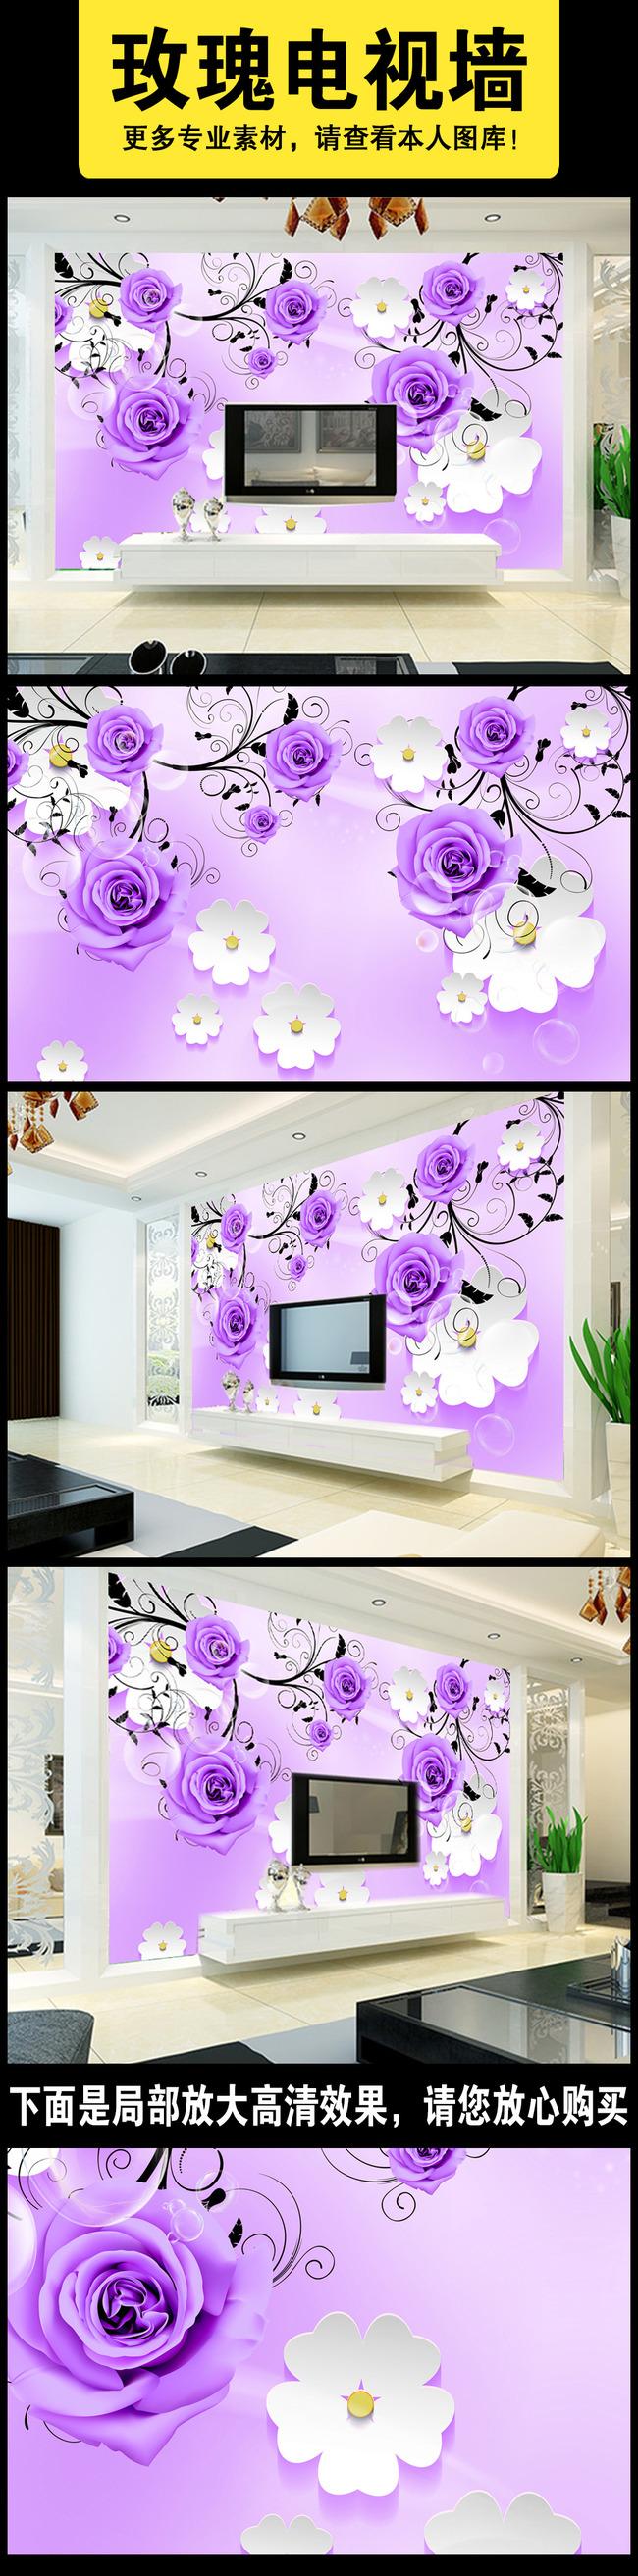 高清时尚紫玫瑰软包3d电视背景墙